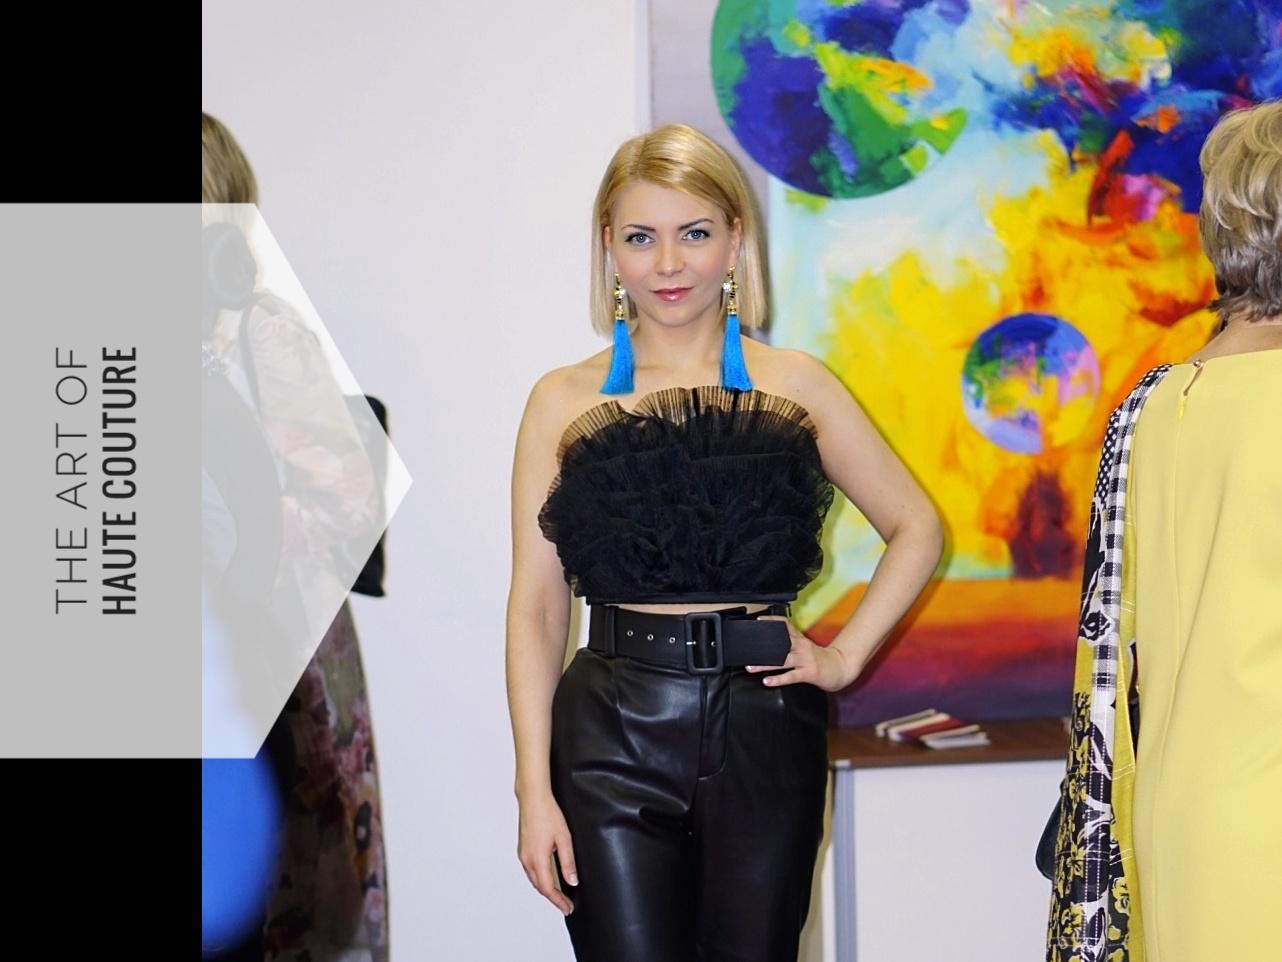 Yuliya Savytska YS Exhibition, Bankhaus August Lenz, Hamburg, 23.01.20